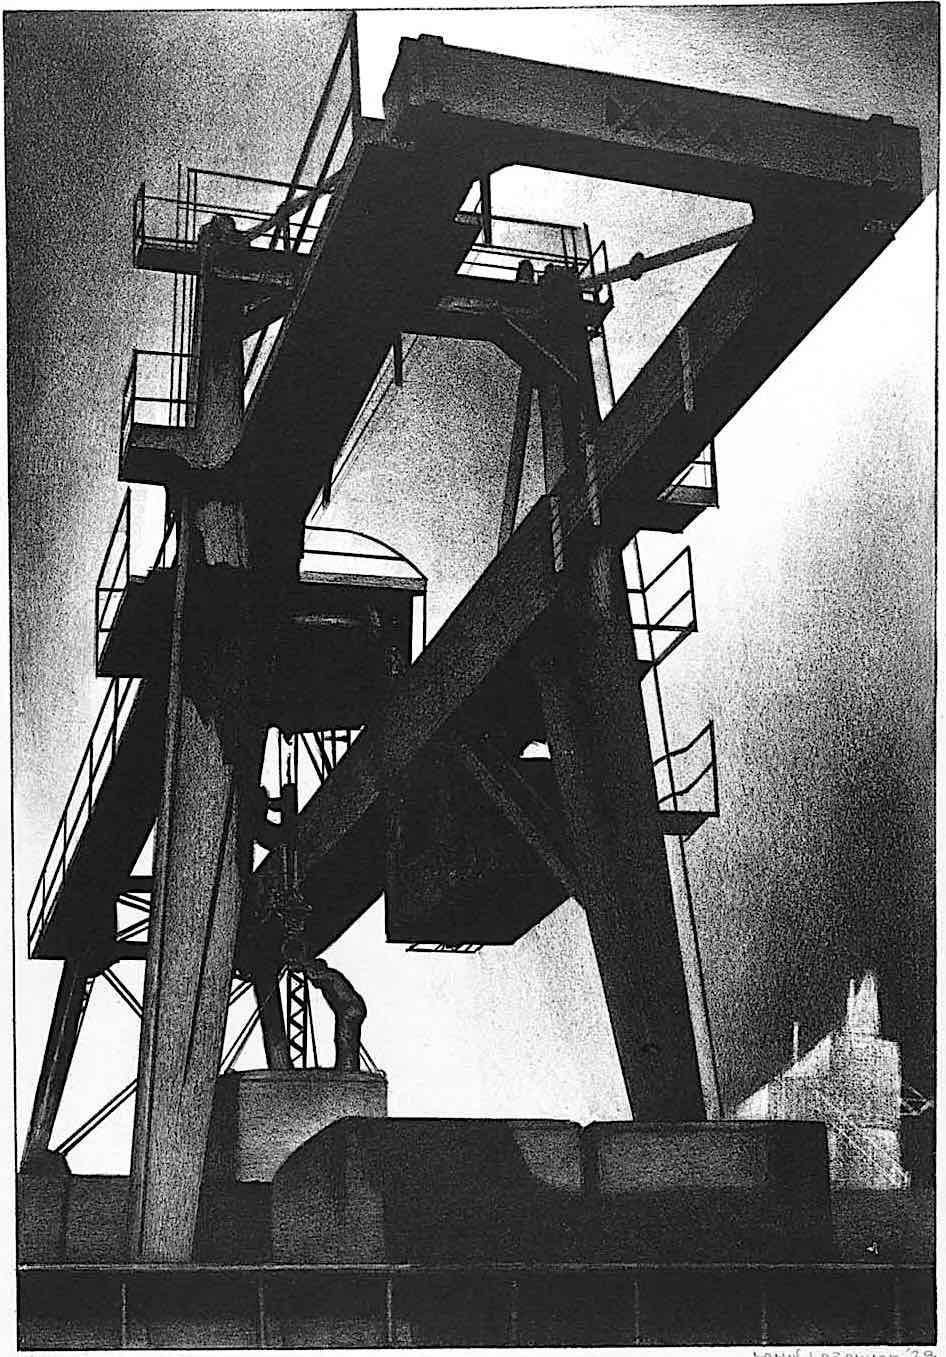 Louis Lozowick art, an industrial lift